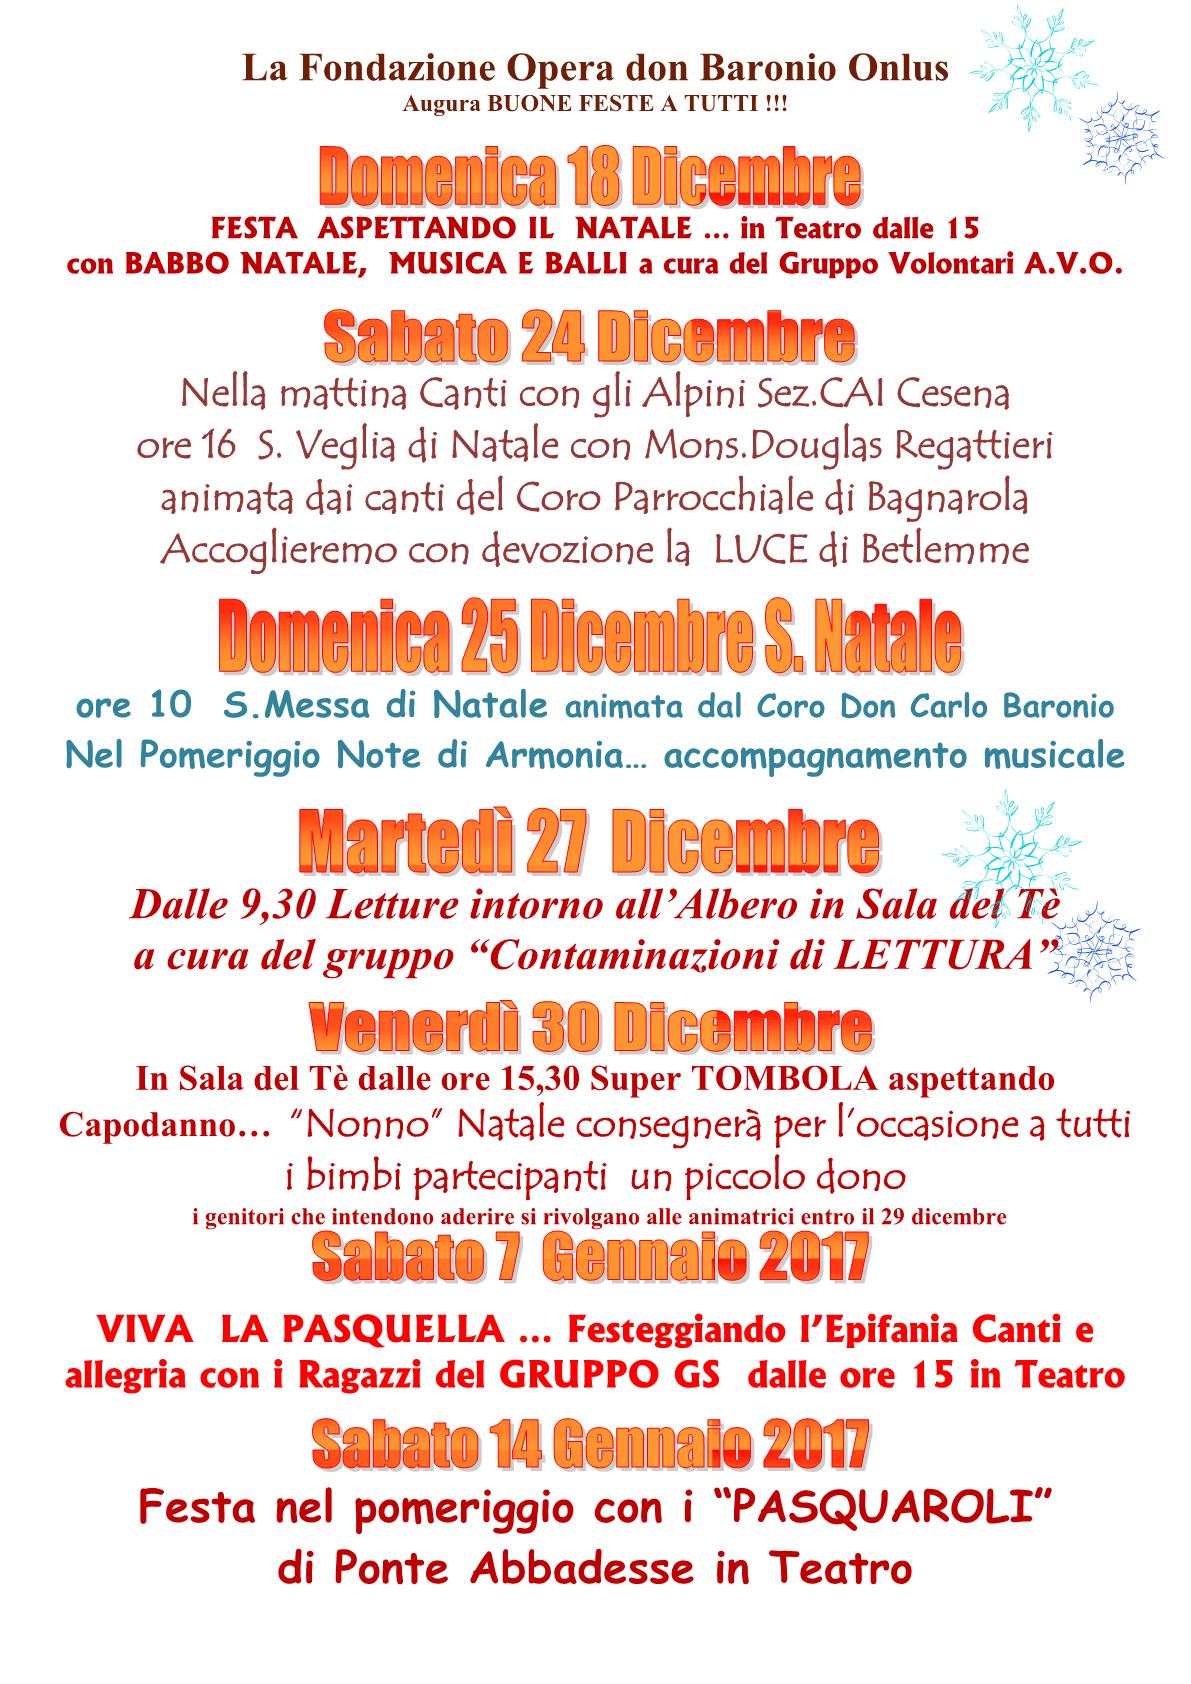 GRANDI EVENTI Per Le Festività 2016 Al Don Baronio